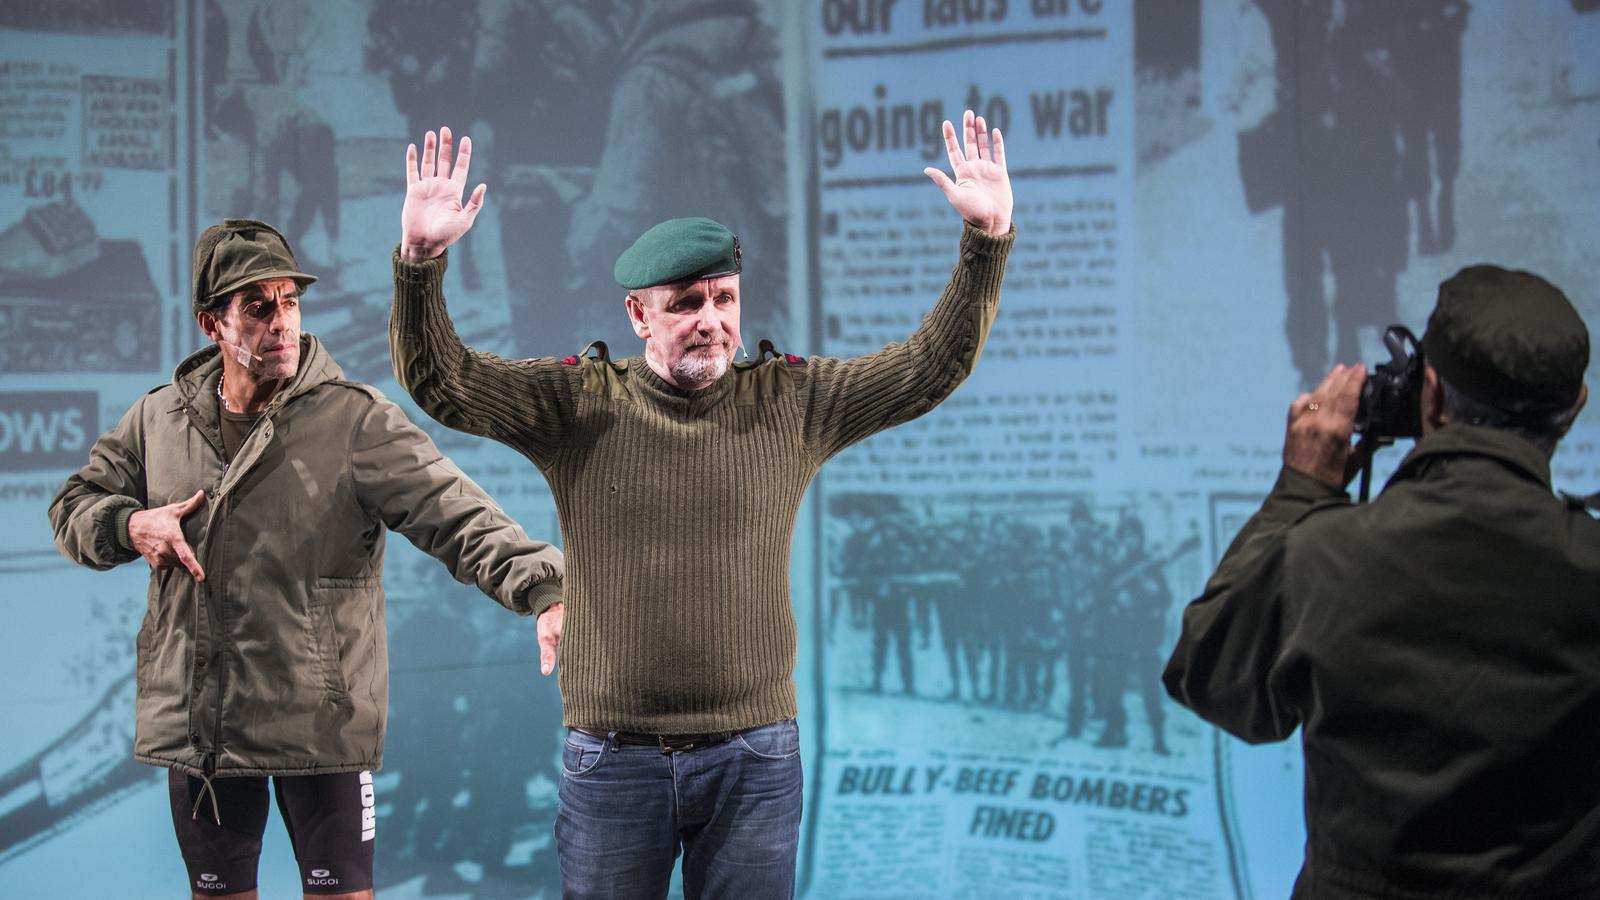 De l'absurditat de la guerra i la impotència de les revoltes